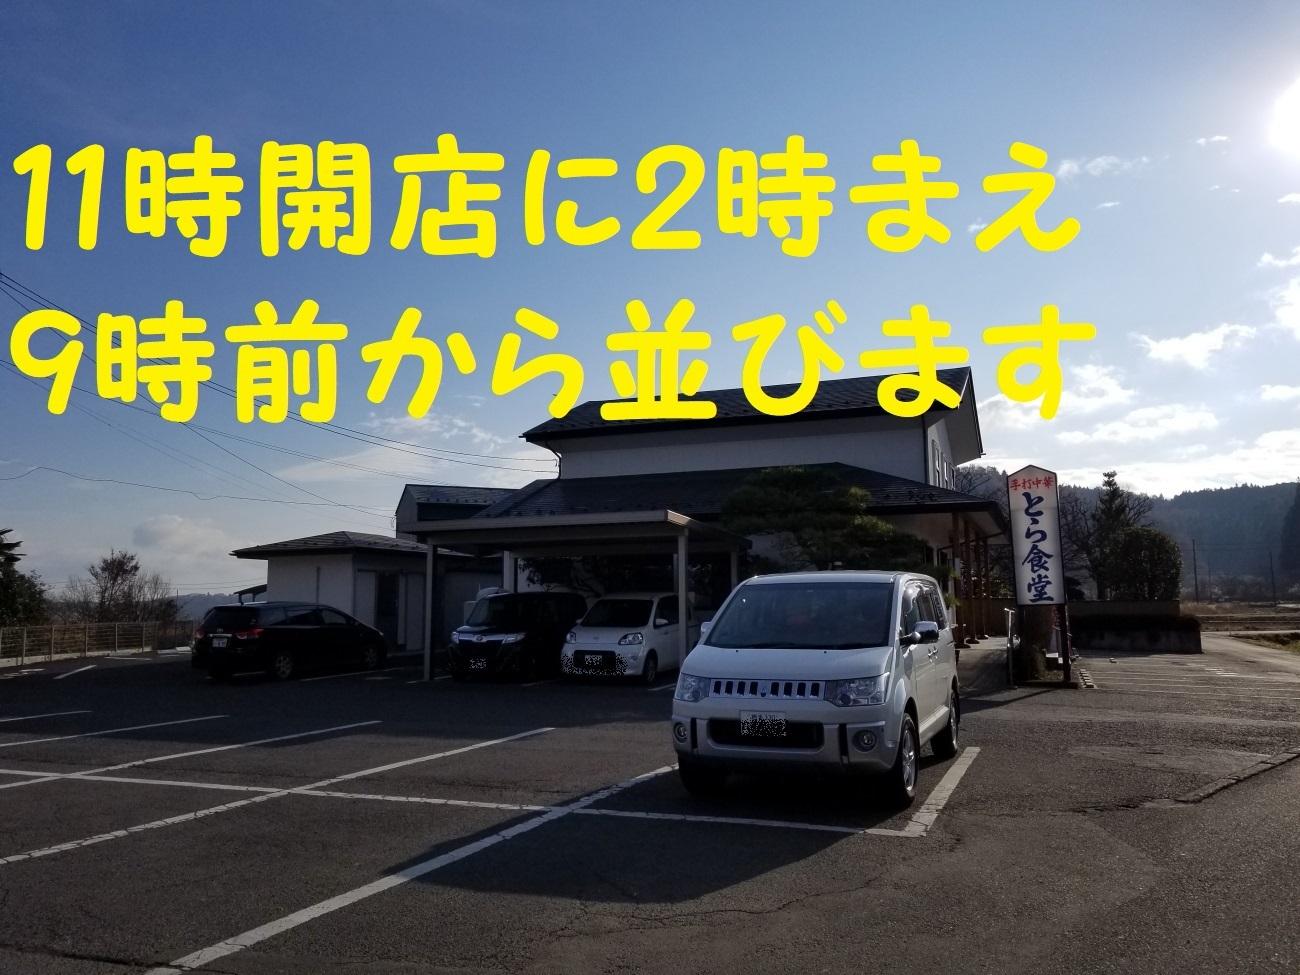 2_201801262112473b1.jpg